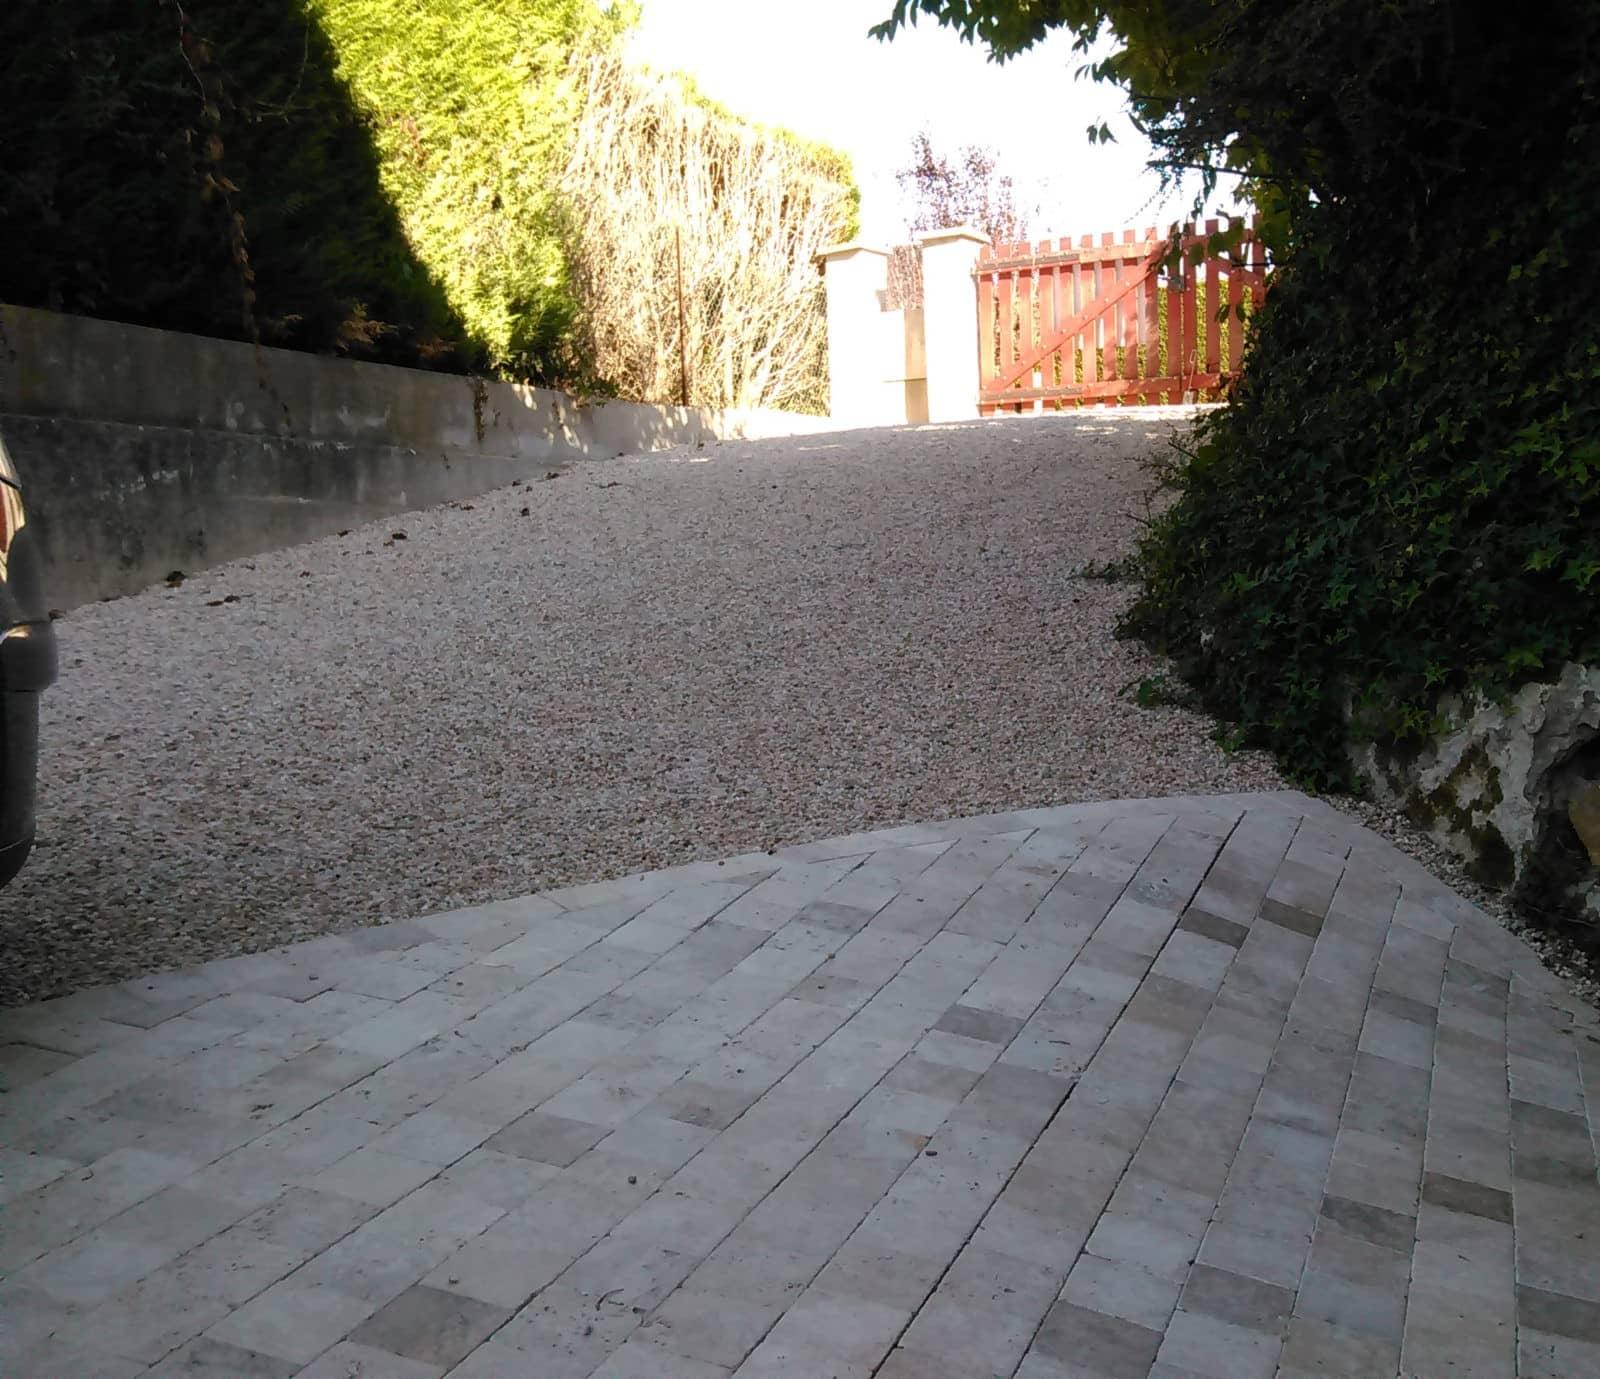 Jardin En Pente Comment Faire aménagement d'allée en pente (voiture, jardin) - lantana